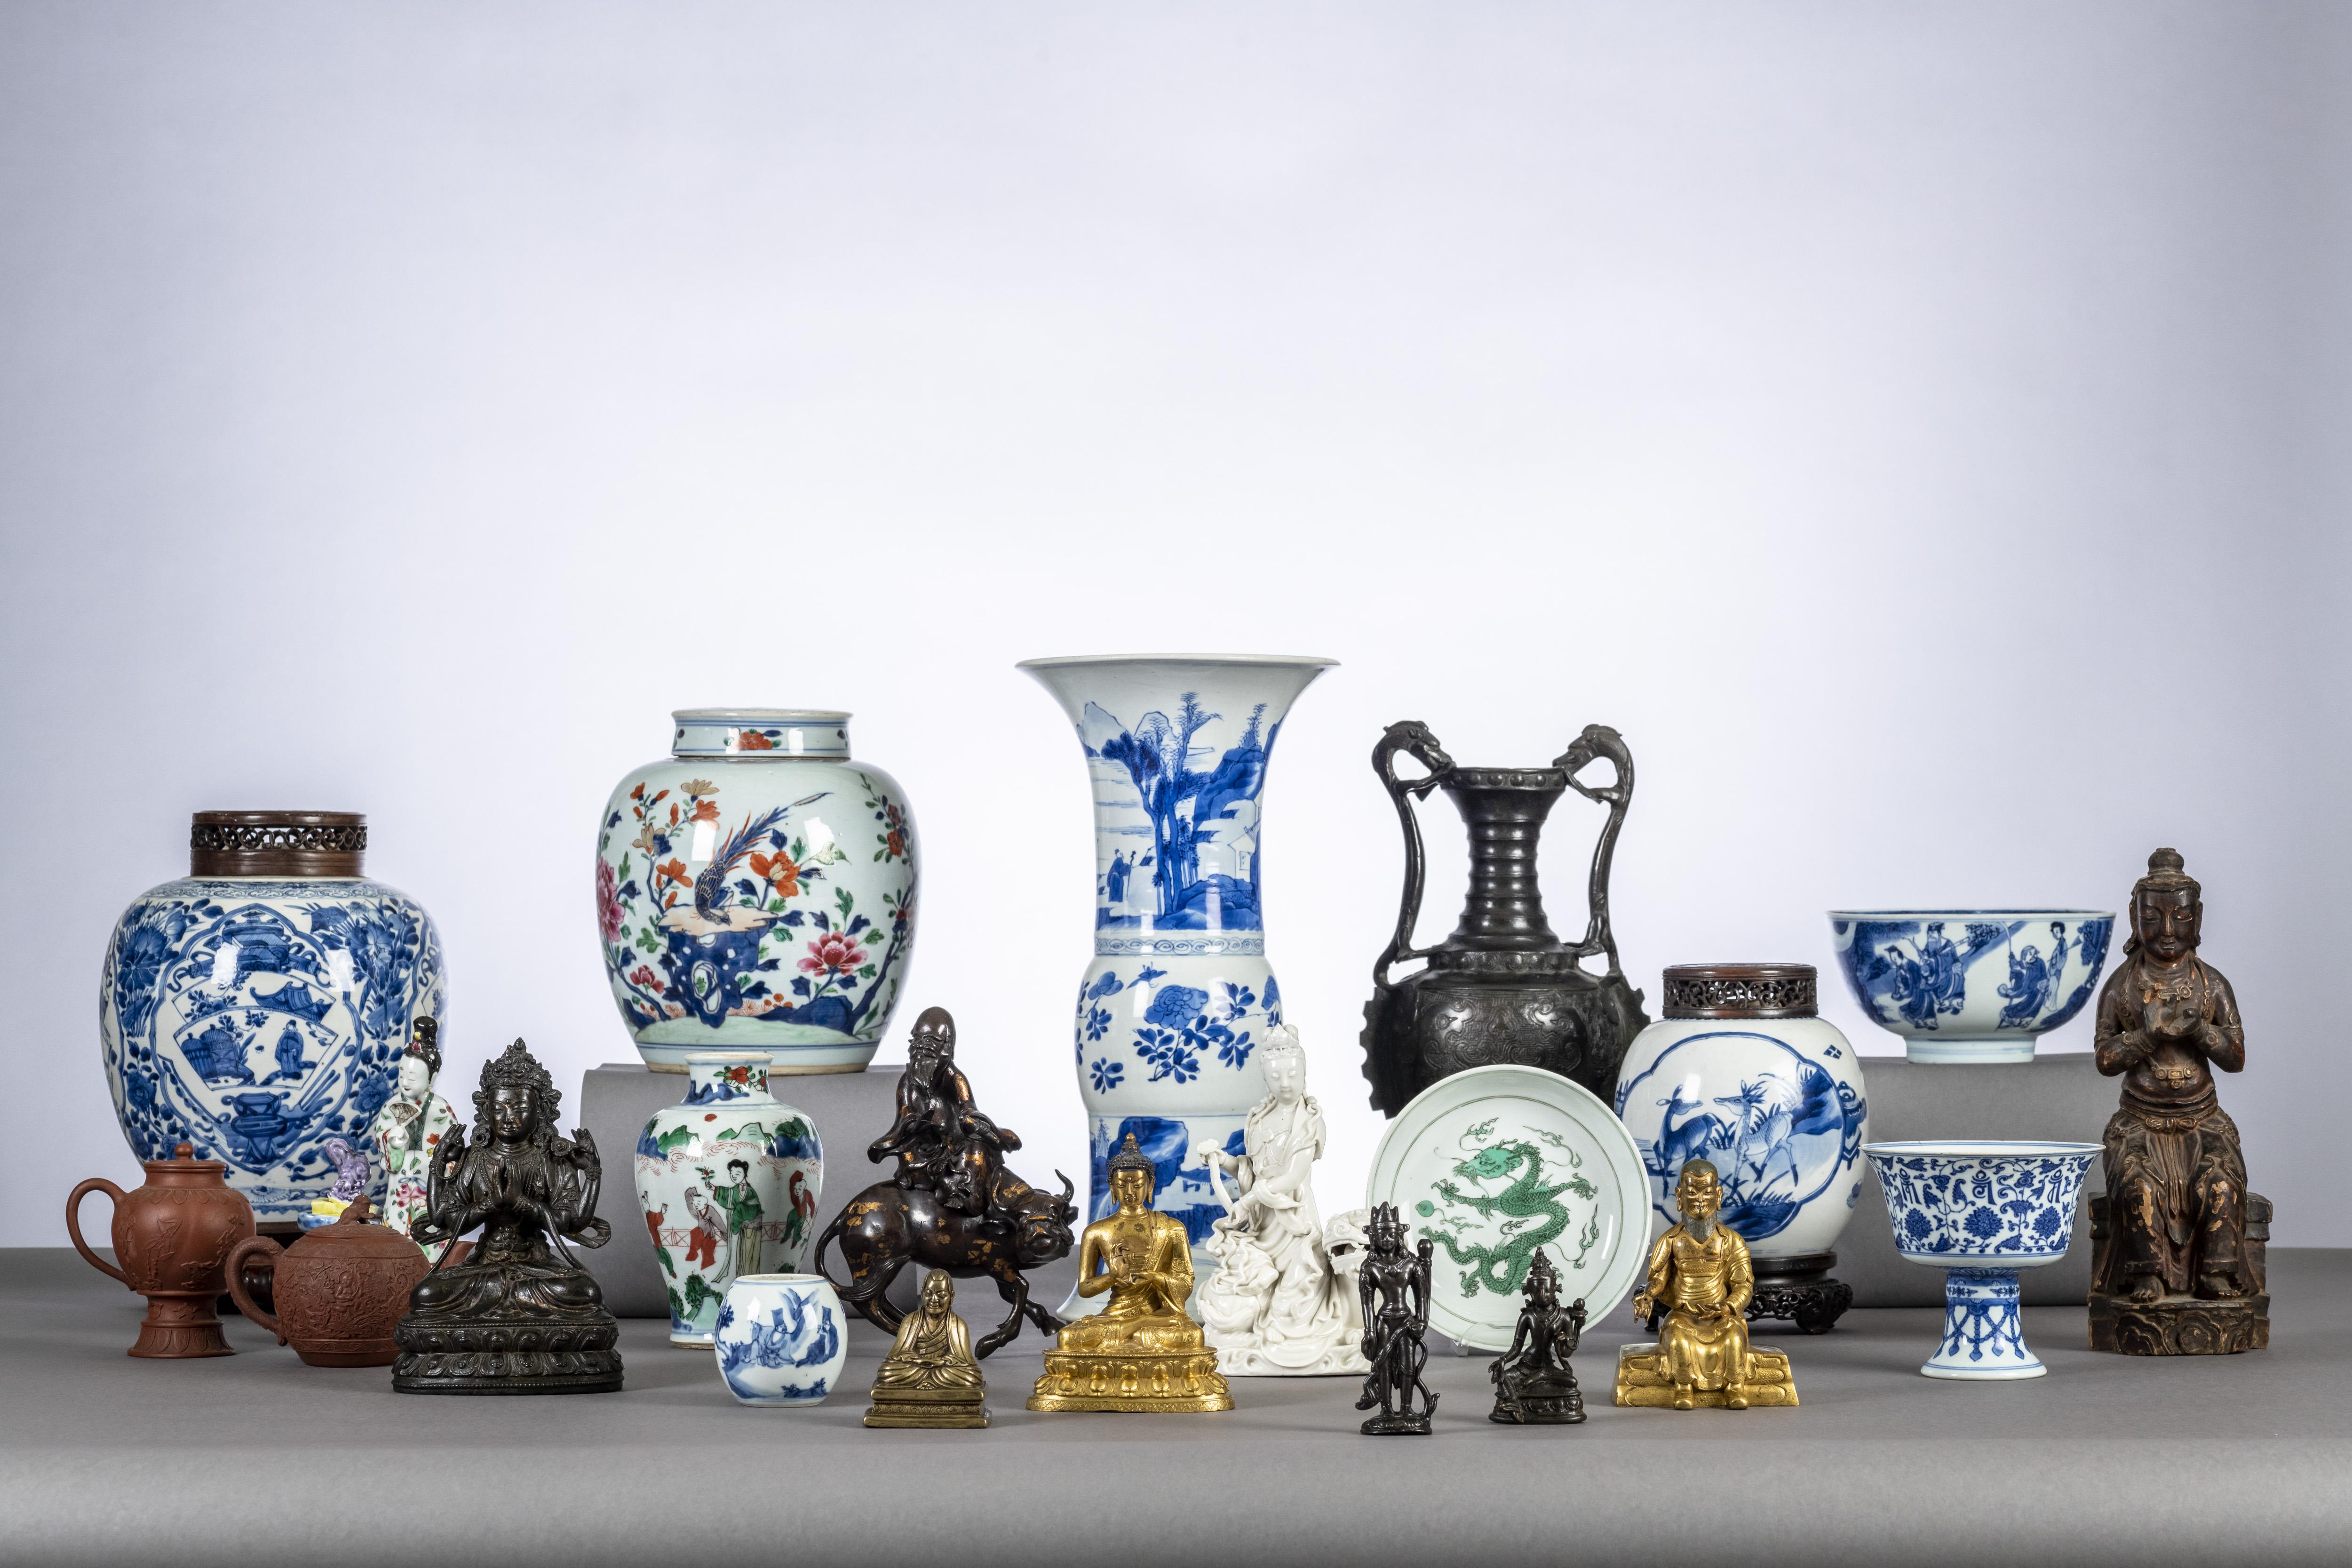 Vente Art Européen et Asiatique chez Loeckx : 517 lots